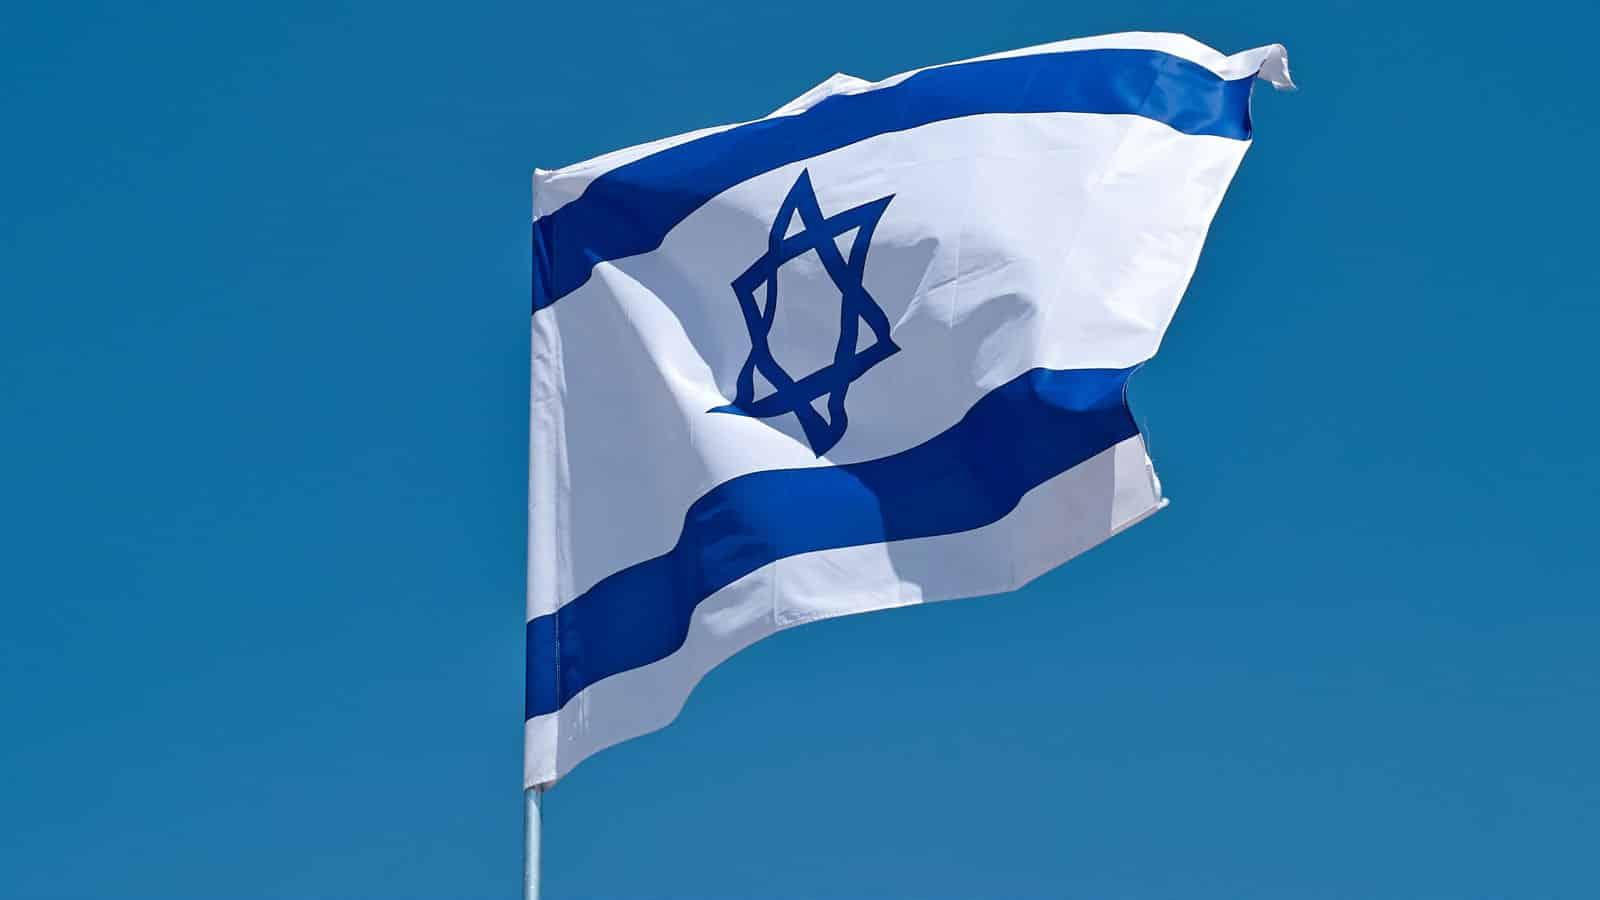 Ισραήλ: Μυστικές υπηρεσίες θα συλλέγουν προσωπικά δεδομένα